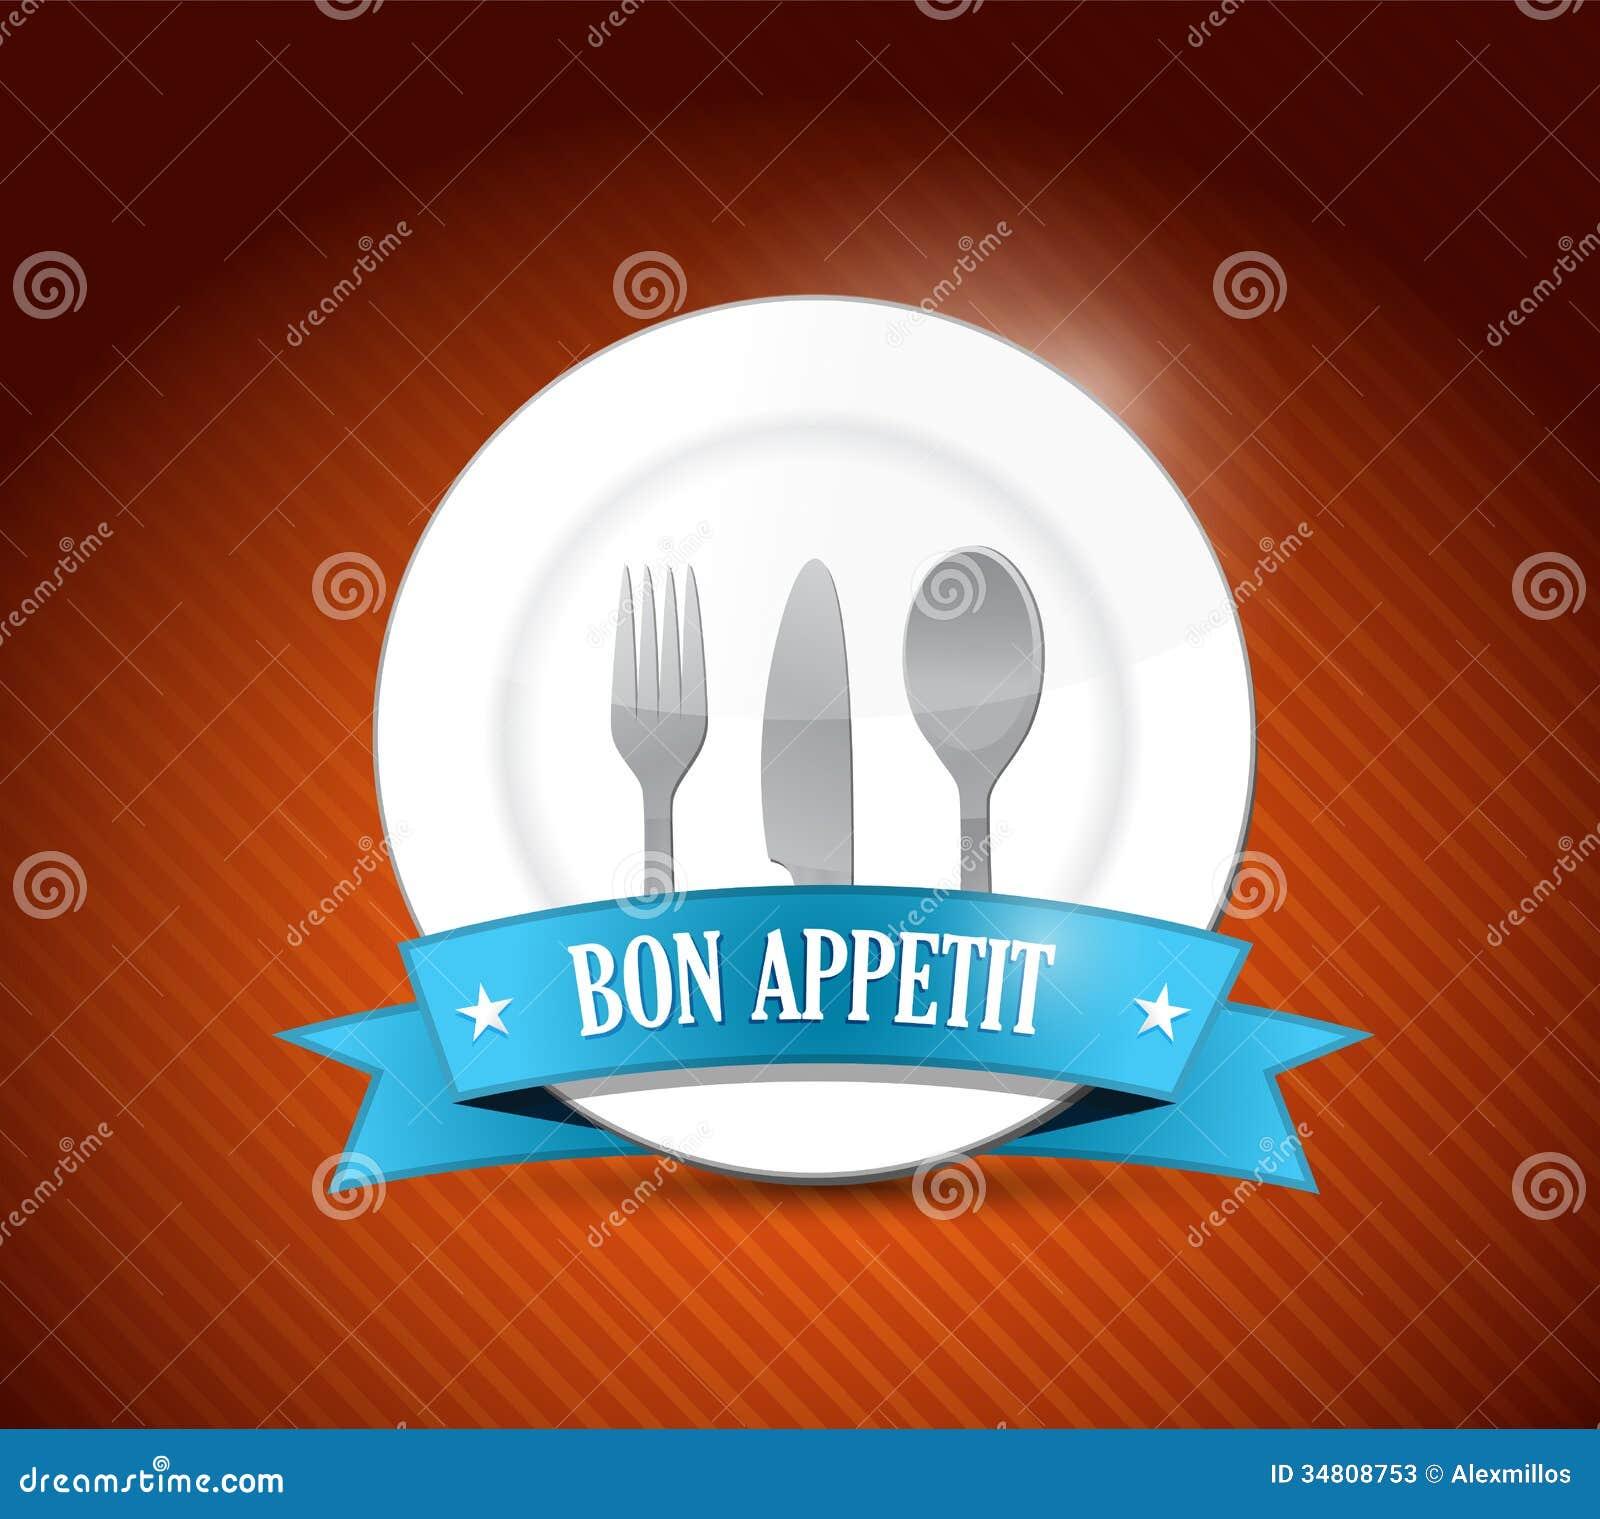 bon appetit restaurant design illustration design stock photos image 34808753. Black Bedroom Furniture Sets. Home Design Ideas